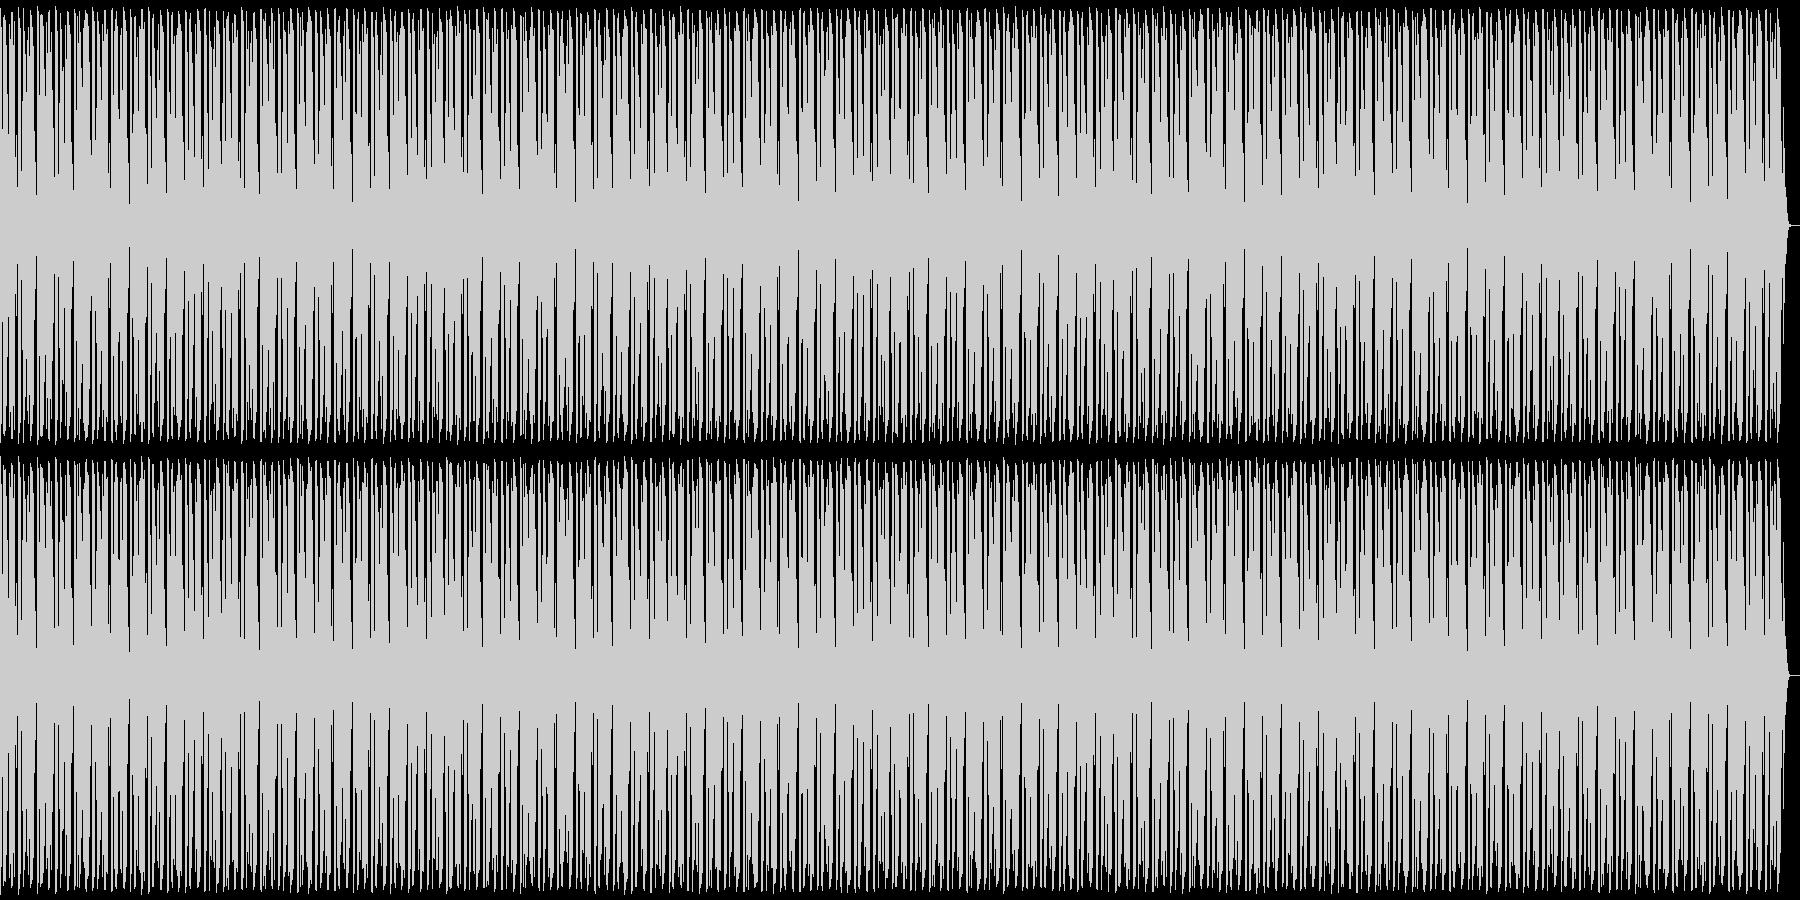 フリースタイル用ビート(シンプル)の未再生の波形